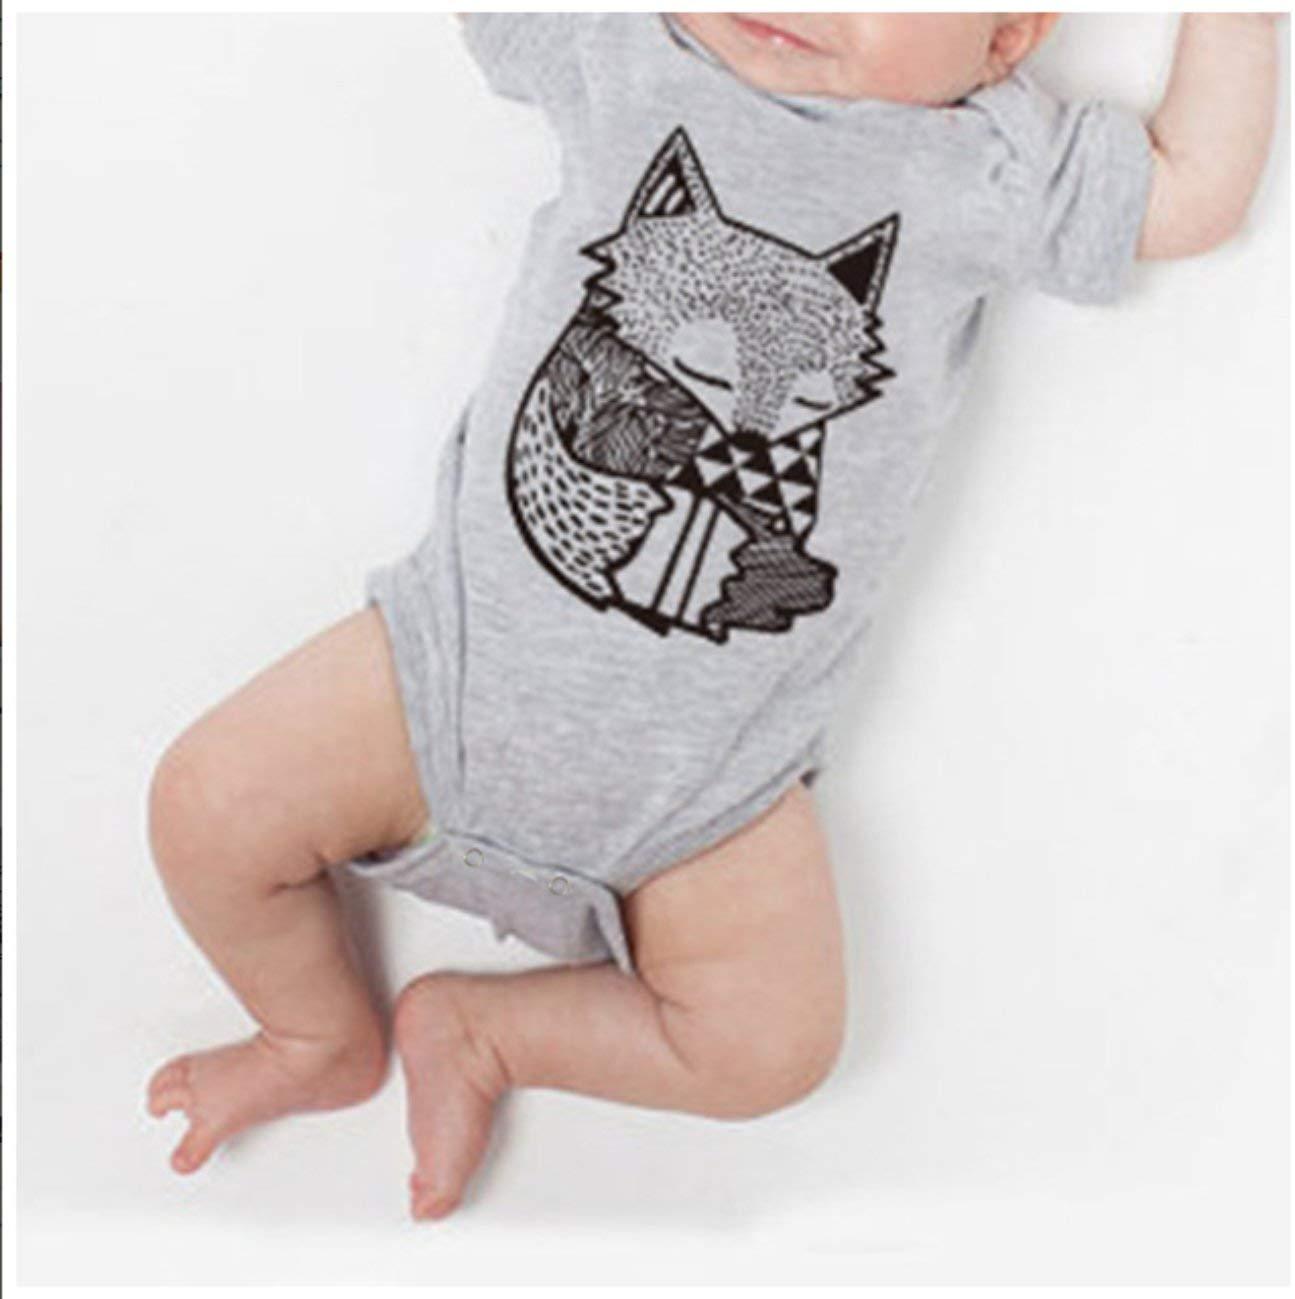 Pagliaccetto per neonato in cotone estivo manica corta motivo a volpe stampato ragazzi ragazze tuta moda o-collo pagliaccetto pagliaccetto vestiti unisex grigio 43530